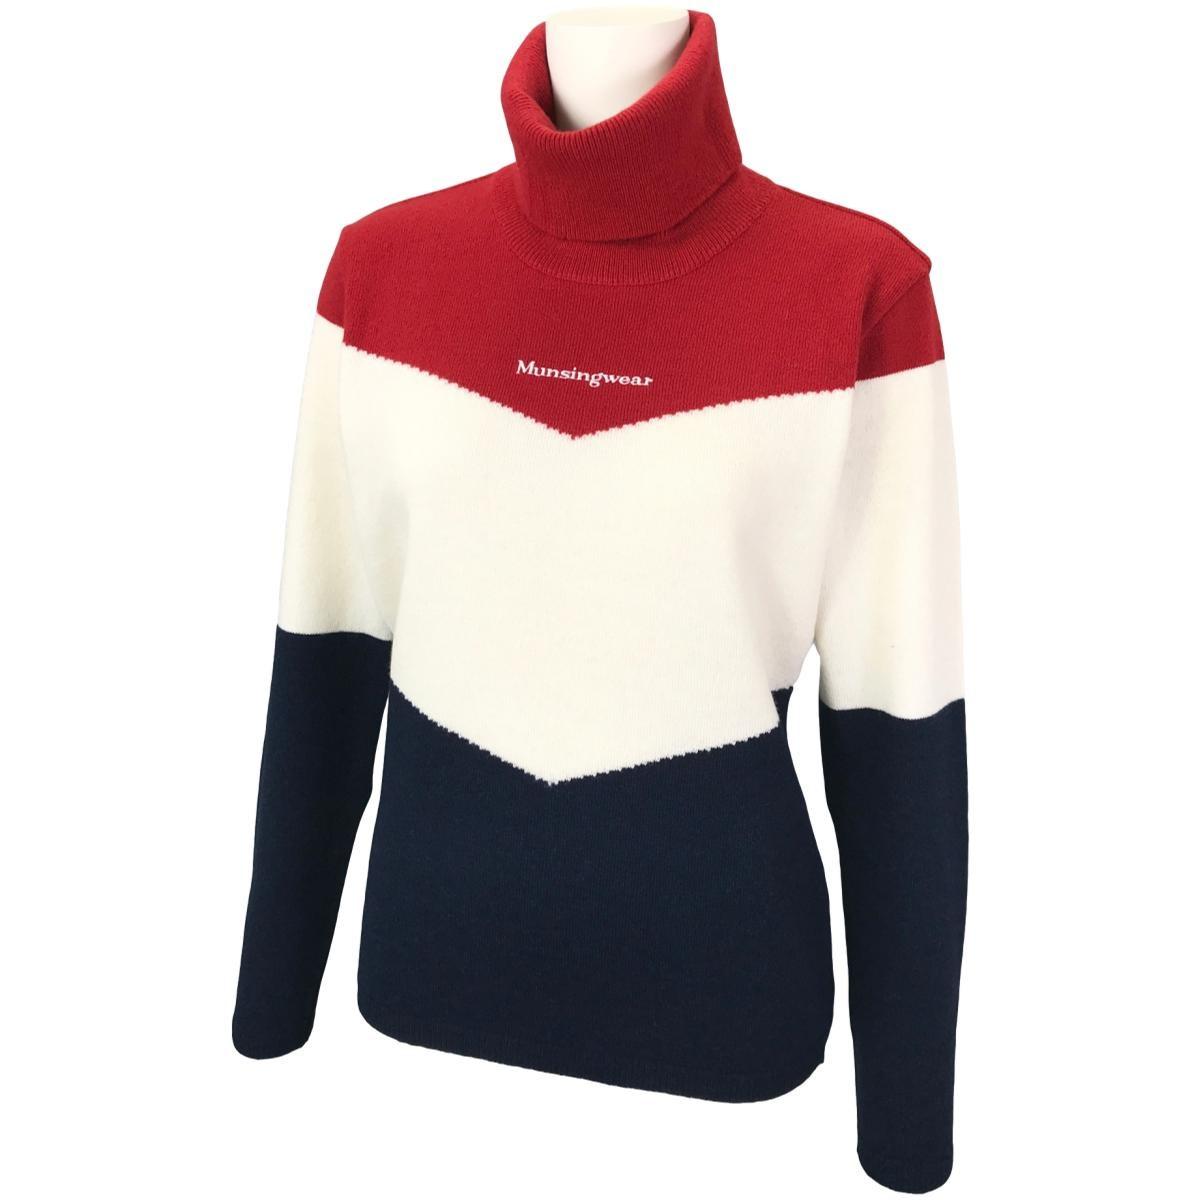 マンシングウェア Munsingwear 3色切替タートルネックセーター LL ネイビー/イエロー レディス